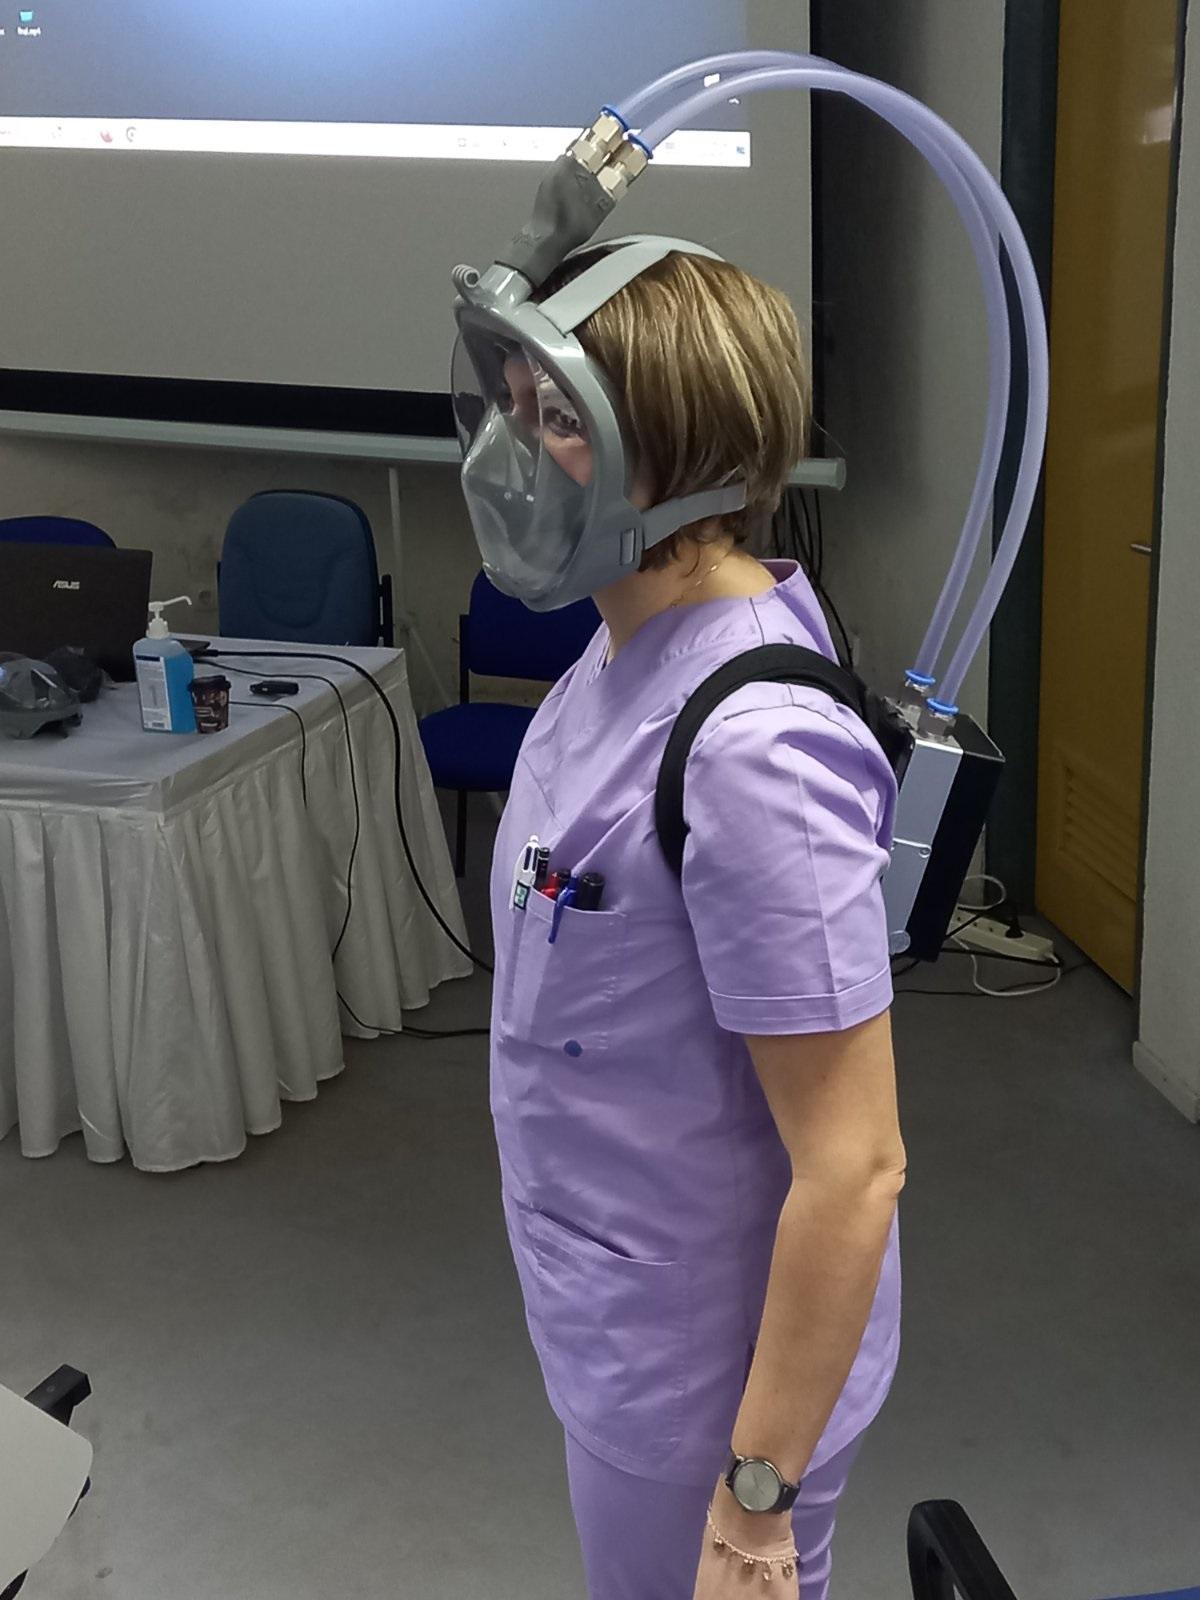 Μικροβιοκτόνος μάσκα κατά COVID-19